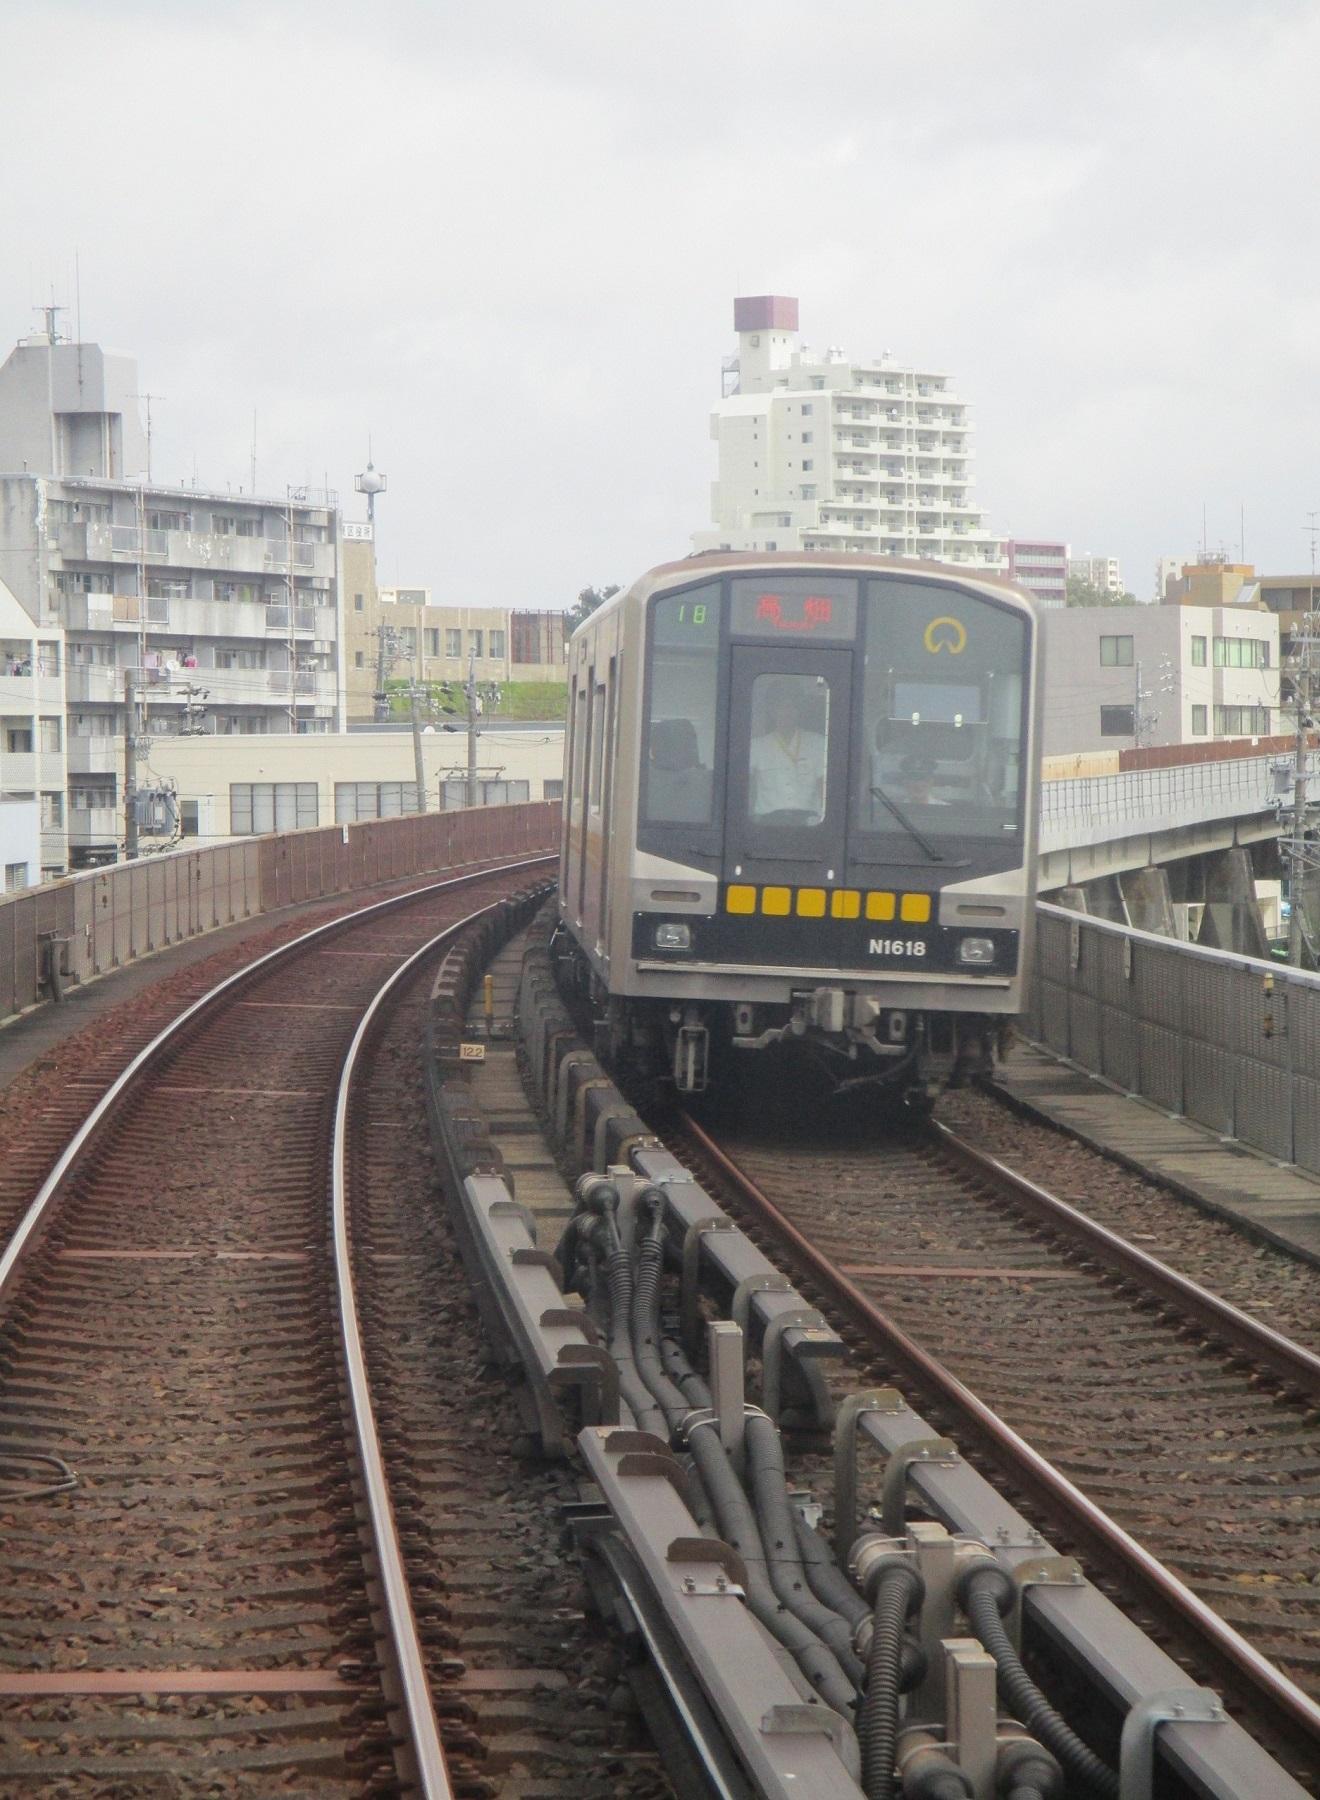 2019.9.23 (5) 藤が丘いき - 上社すぎ(高畑いき) 1320-1800